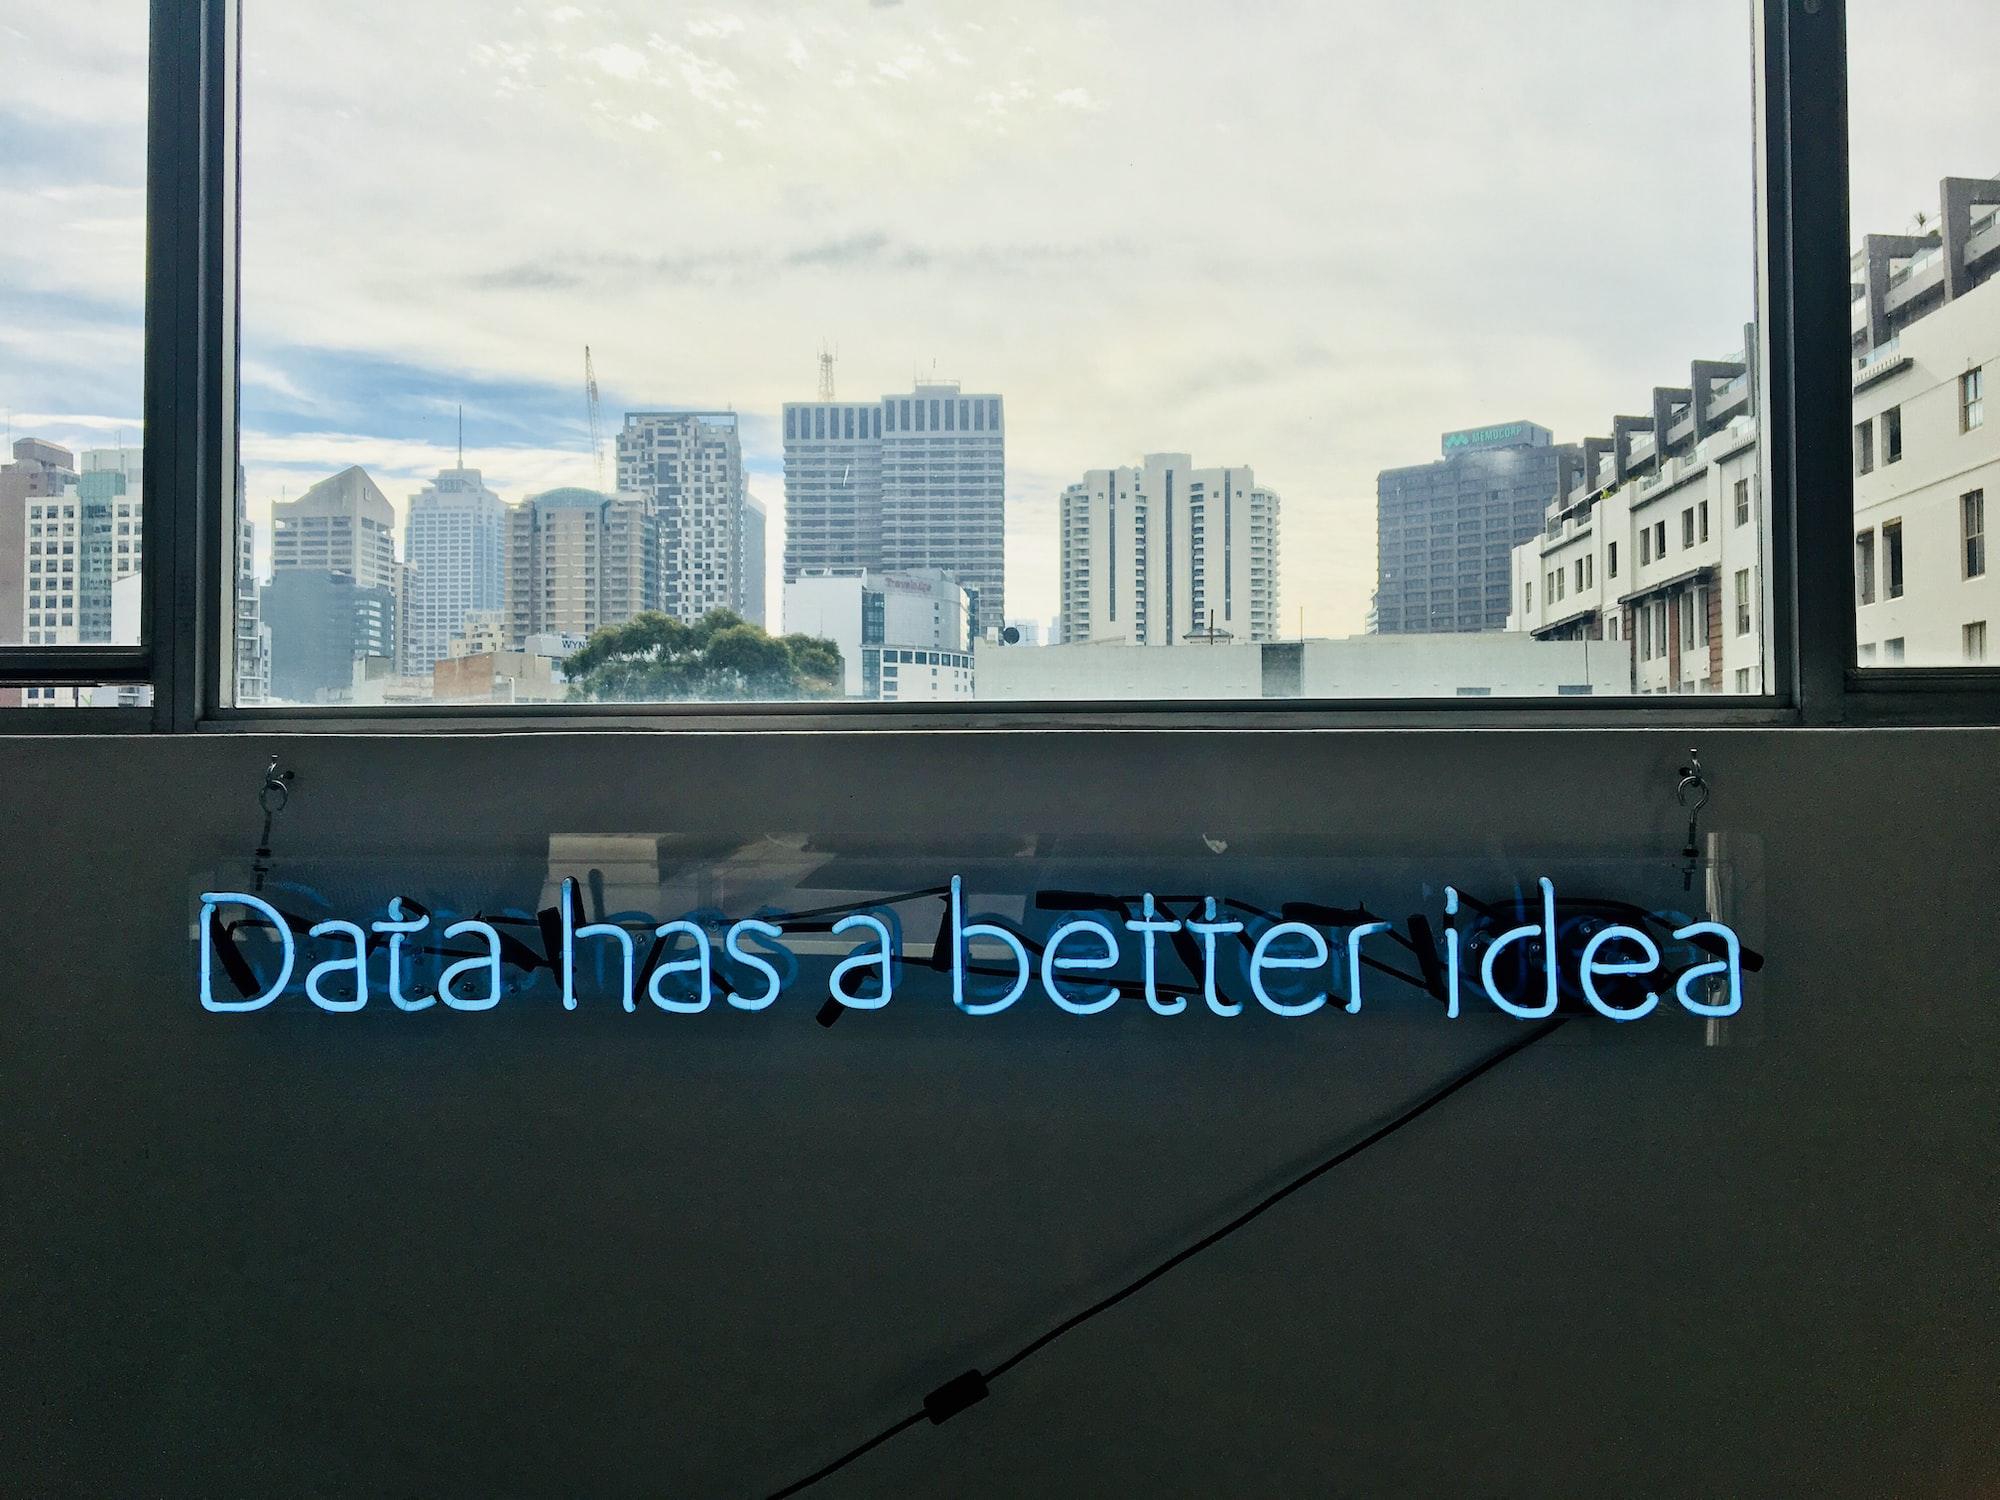 """Frase """"Data has a better idea"""" com letras em led presas numa parede que está embaixo de uma janela mostrando a cidade."""